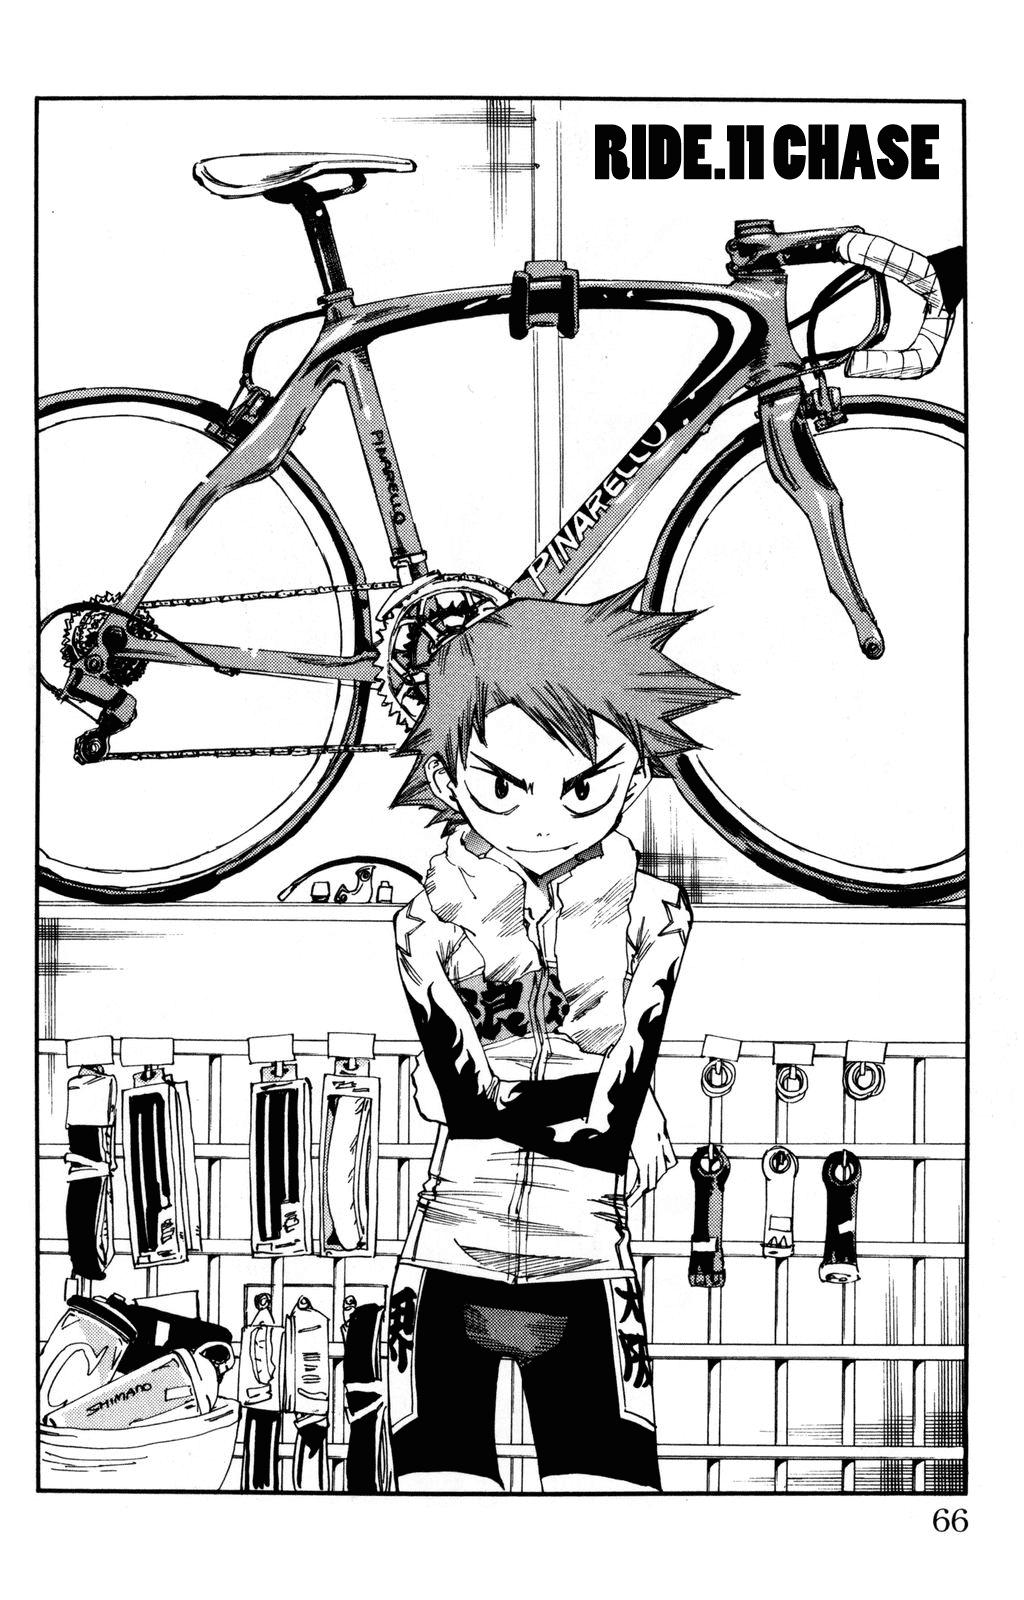 弱虫ペダル; 飆速宅男; Weak Pedals                           Vol.002 Ch.011: Chase Page 2